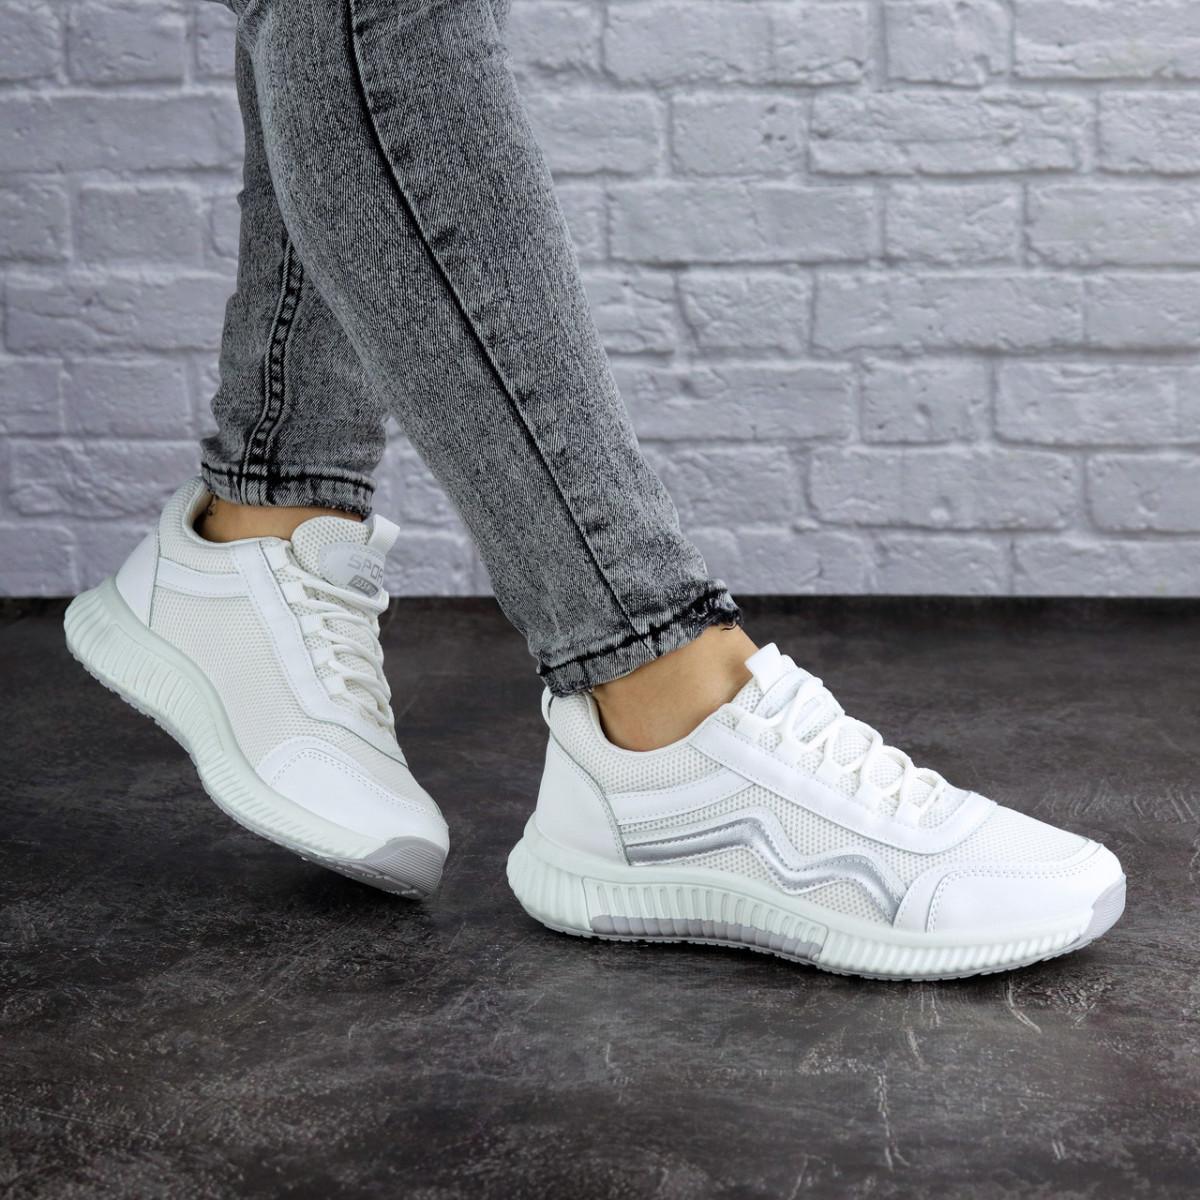 Женские кроссовки белые Brat 1989 (38 размер)